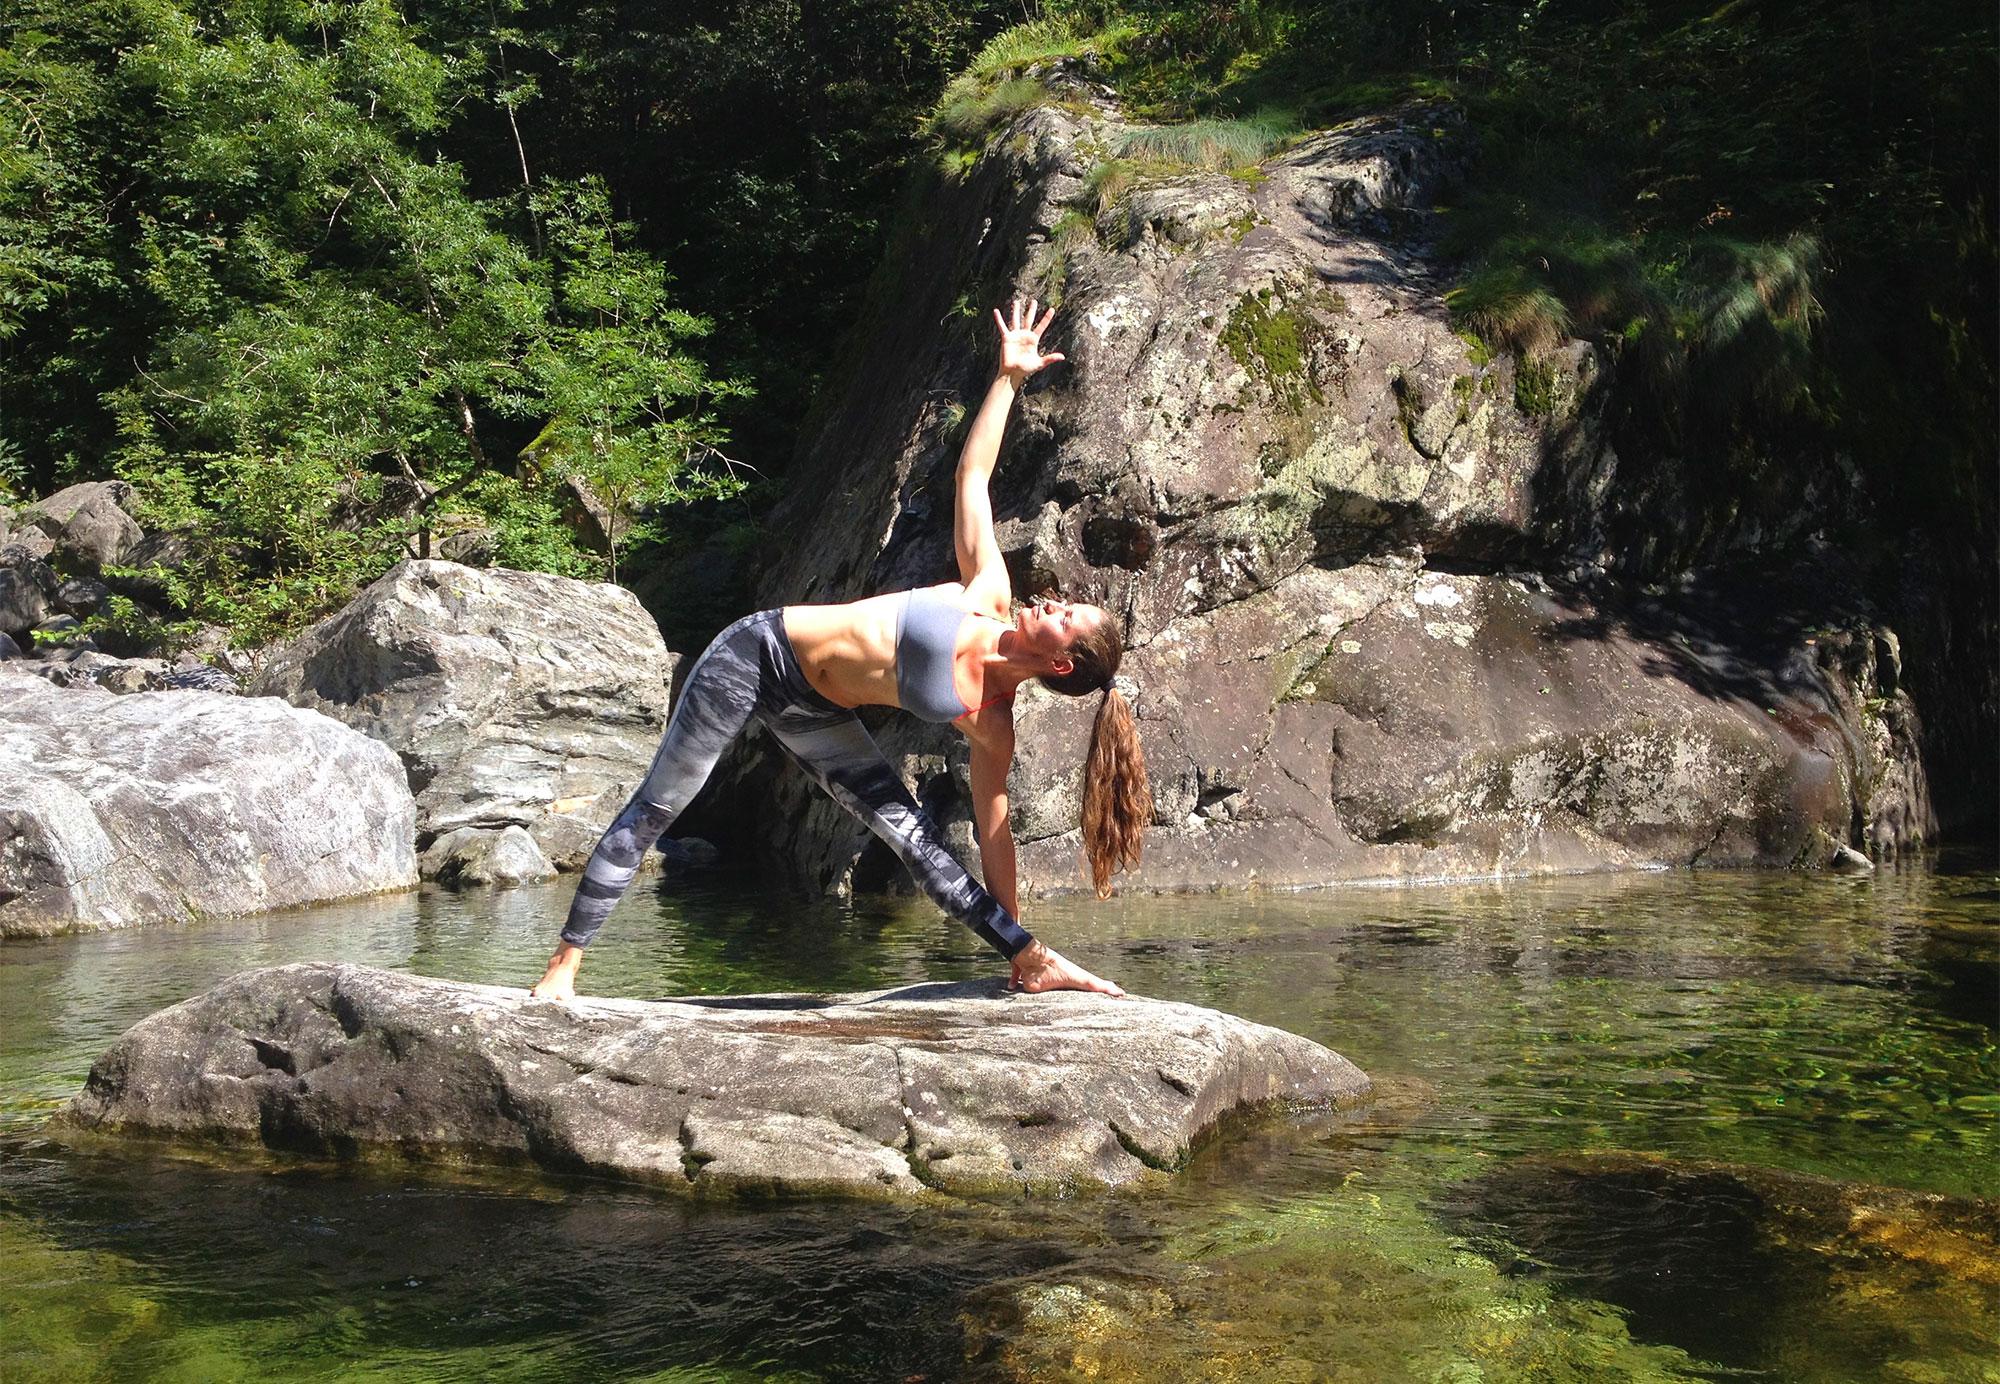 Ebenfalls im Jahresprogramm der Casa: Yoga und SUP Yoga